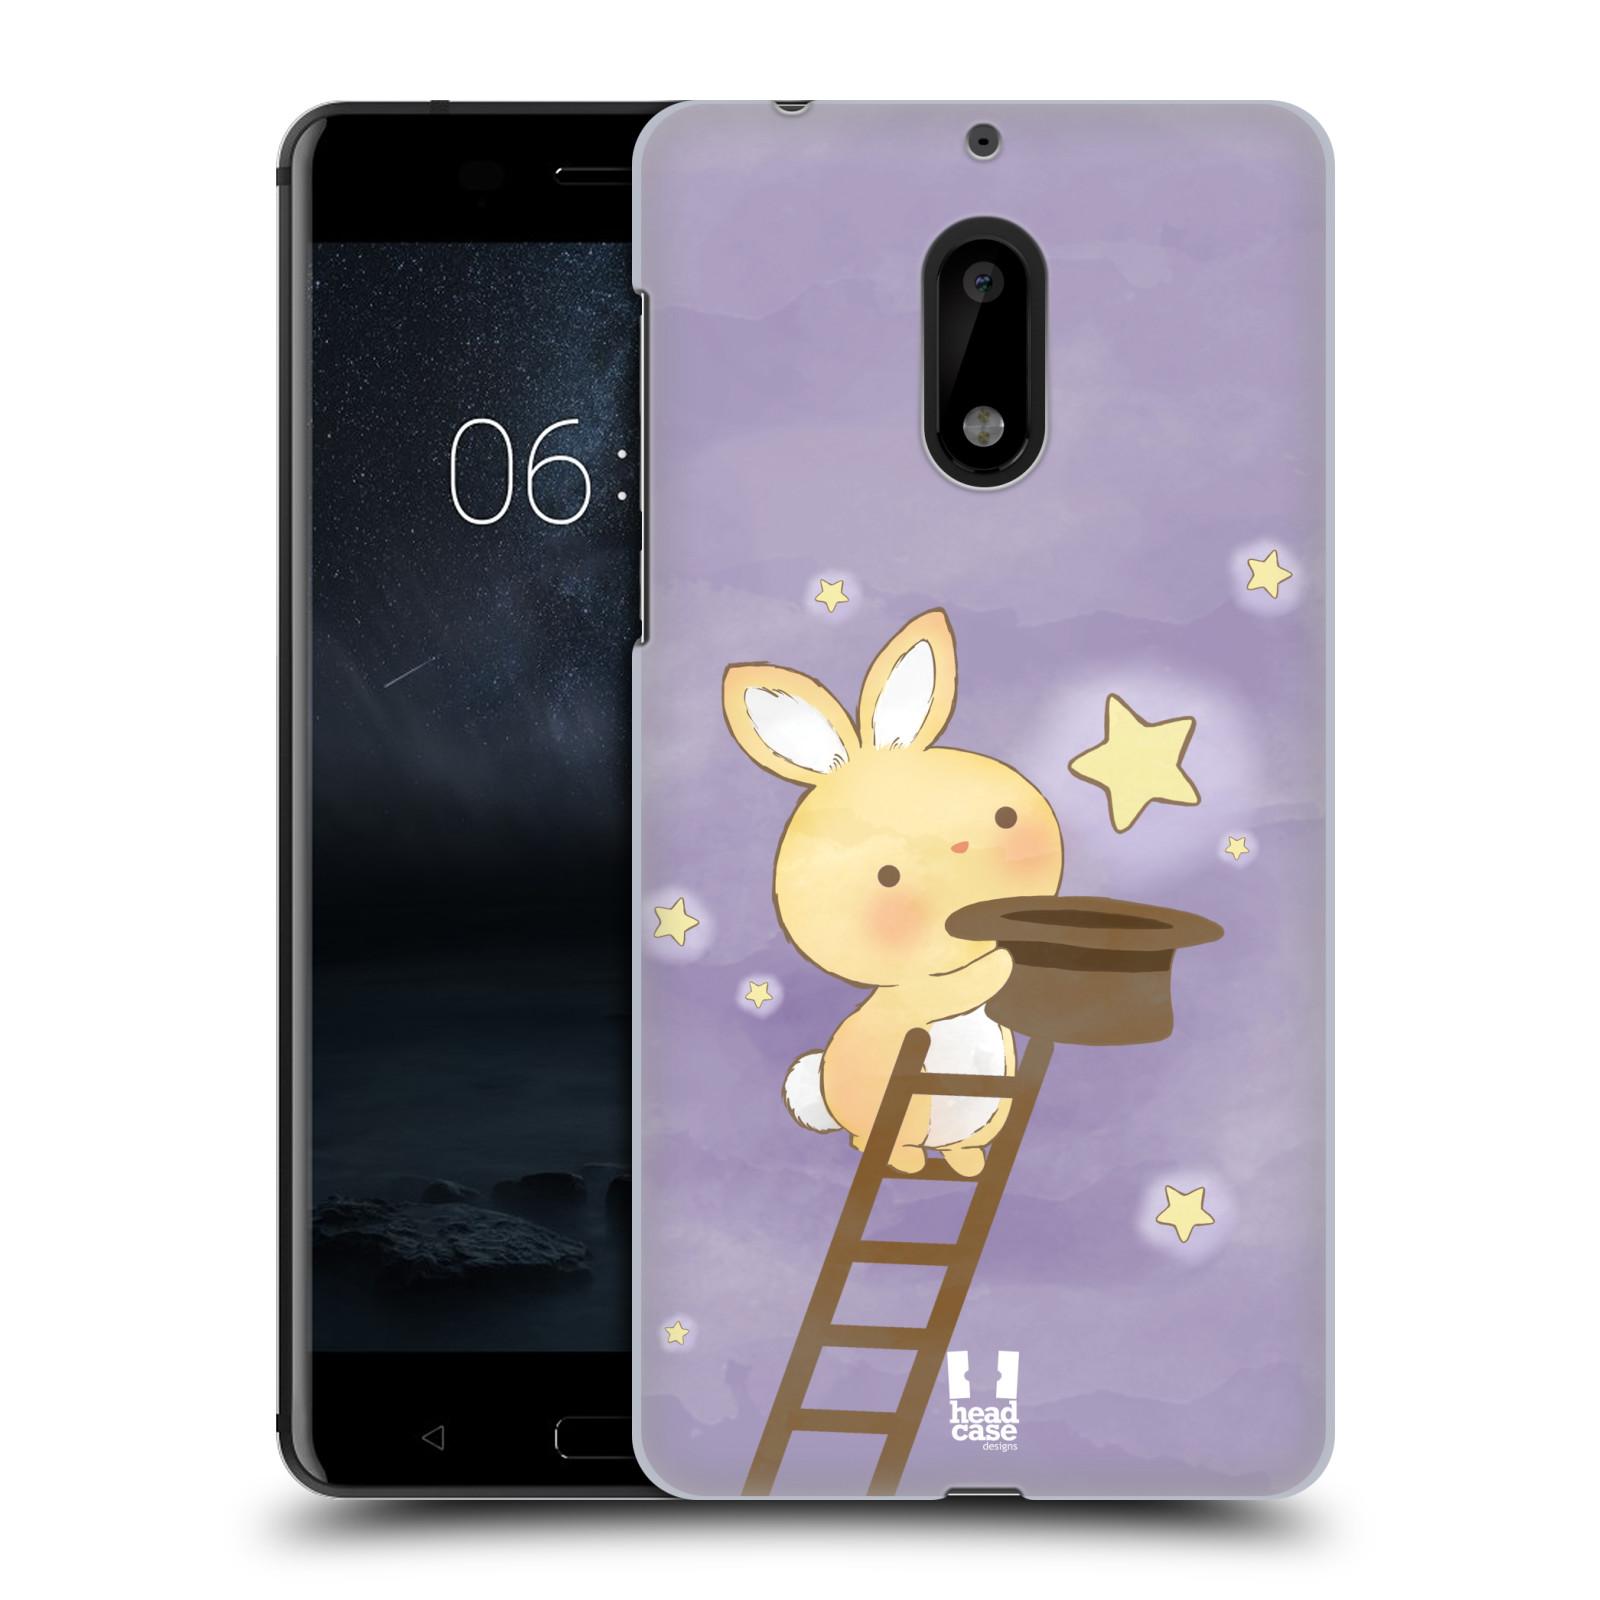 HEAD CASE plastový obal na mobil Nokia 6 vzor králíček a hvězdy fialová